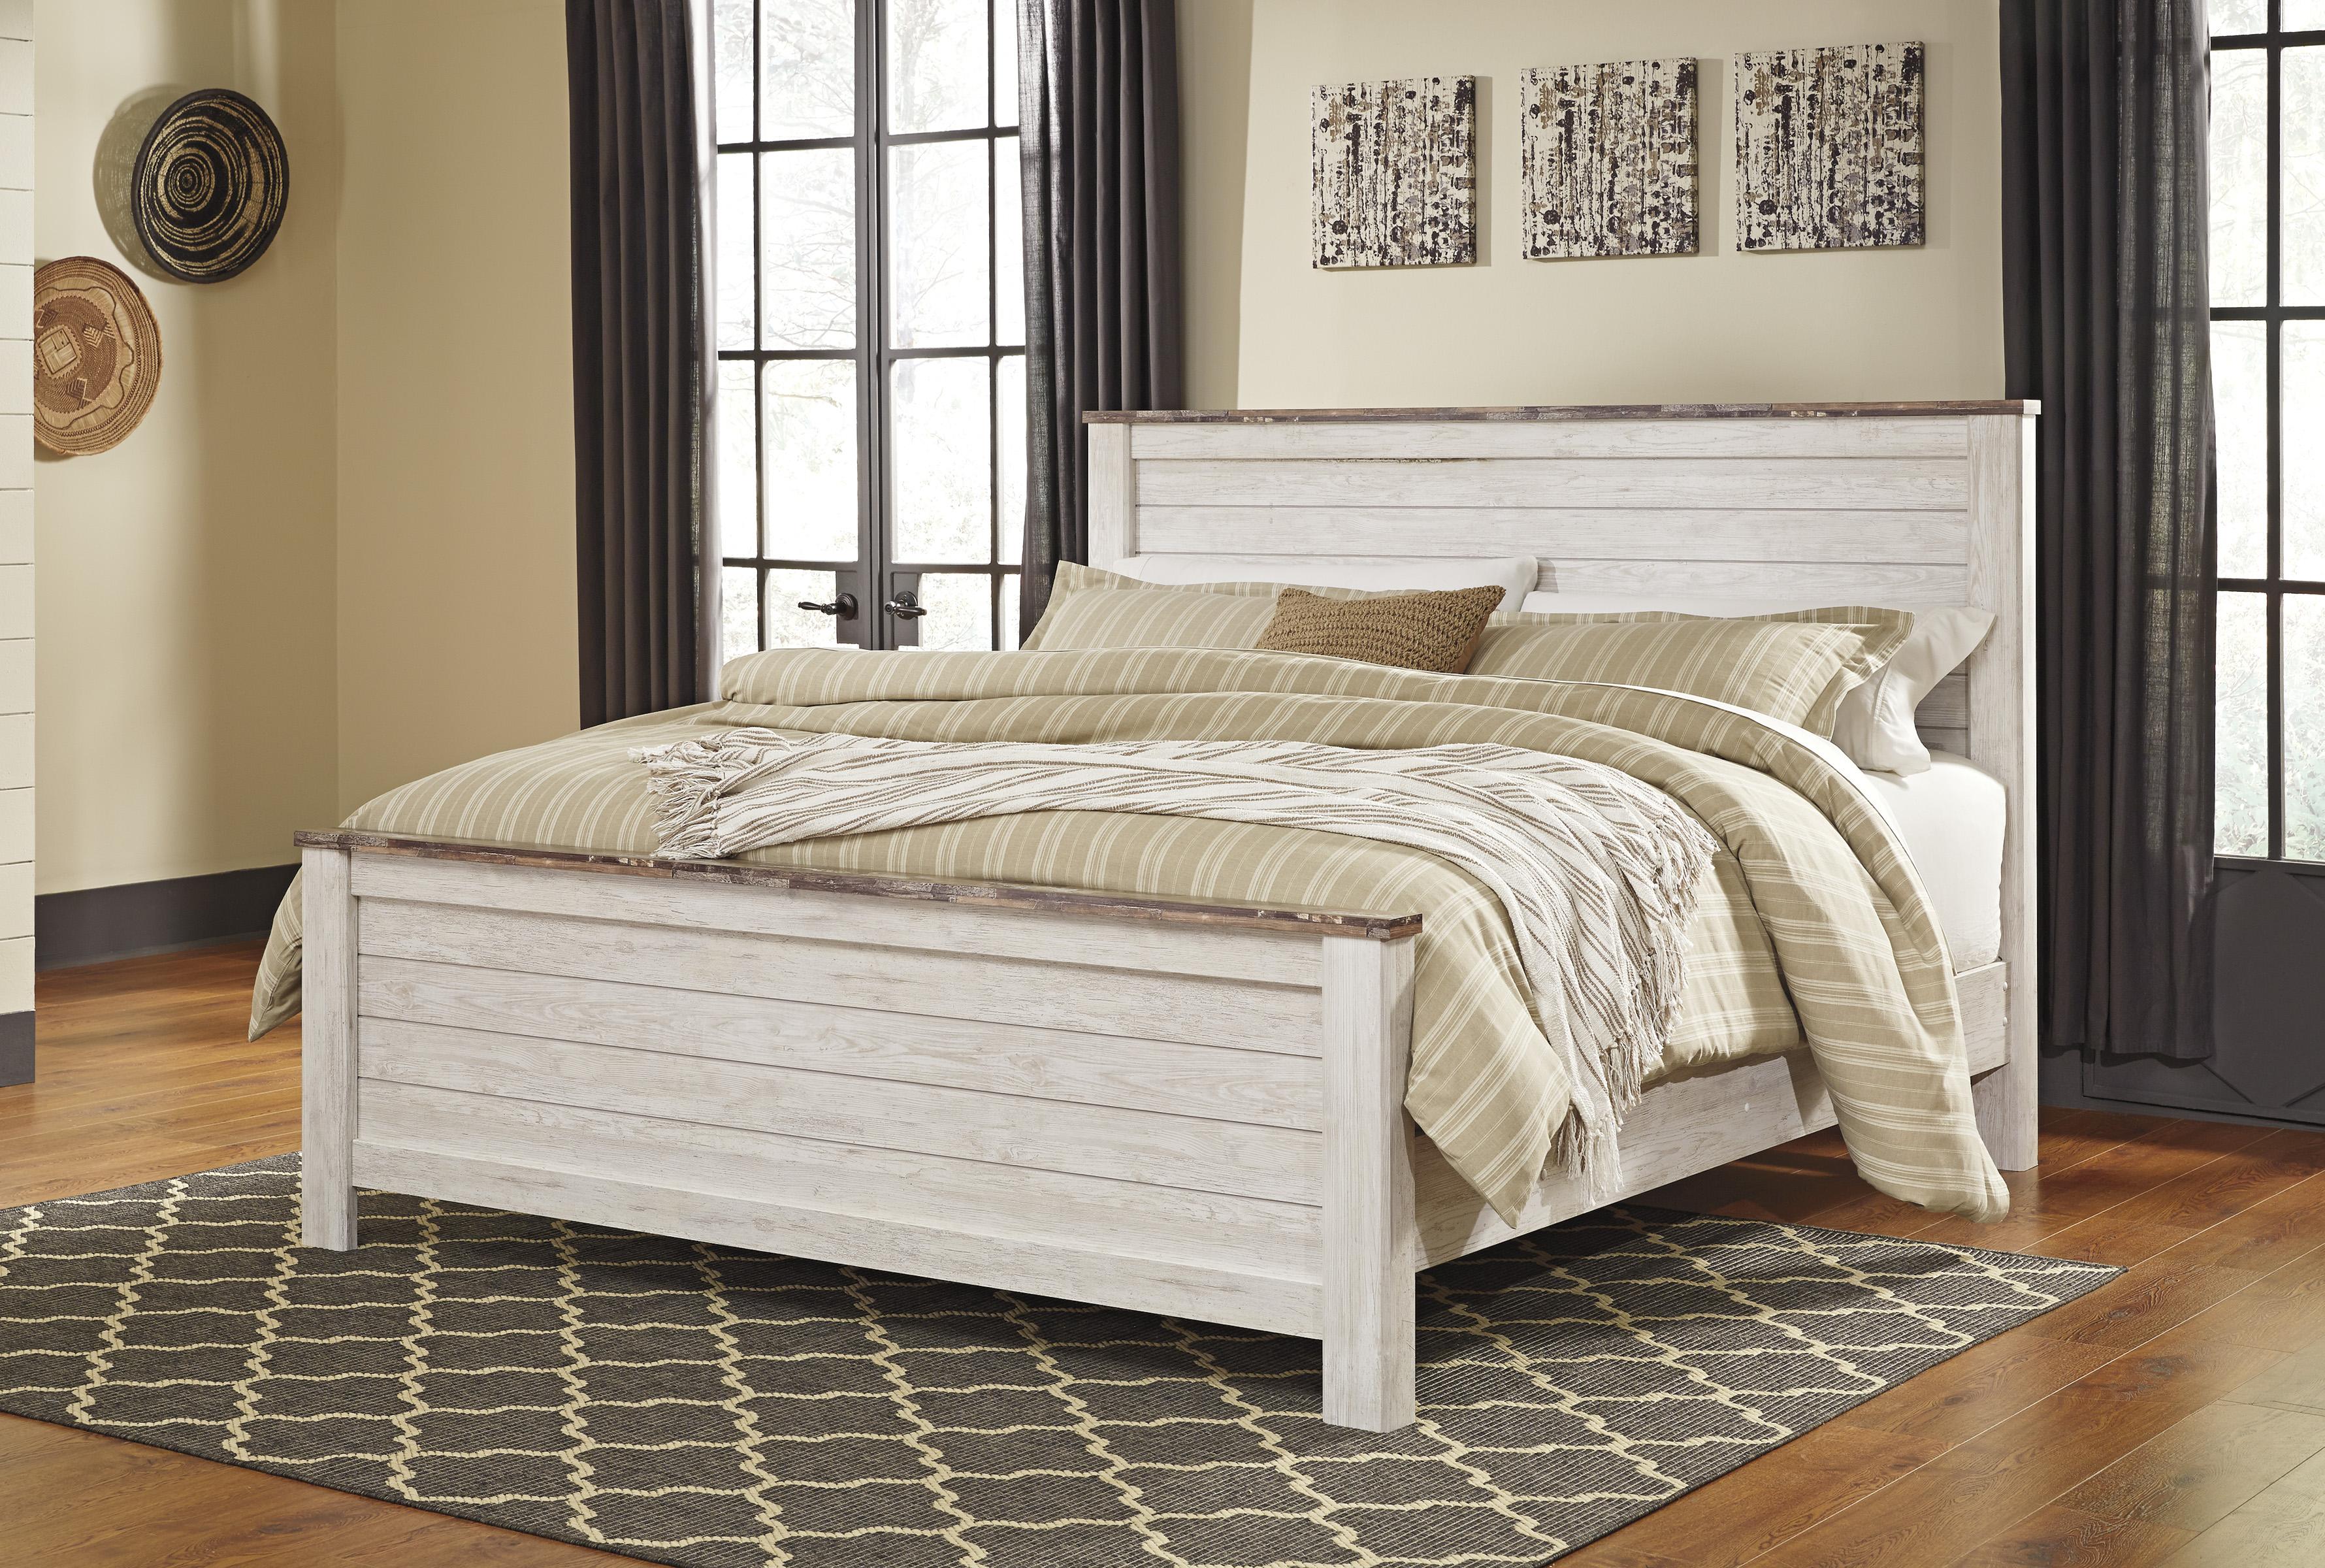 Willowton Whitewash Bedroom Set Clearance Sale Marjen